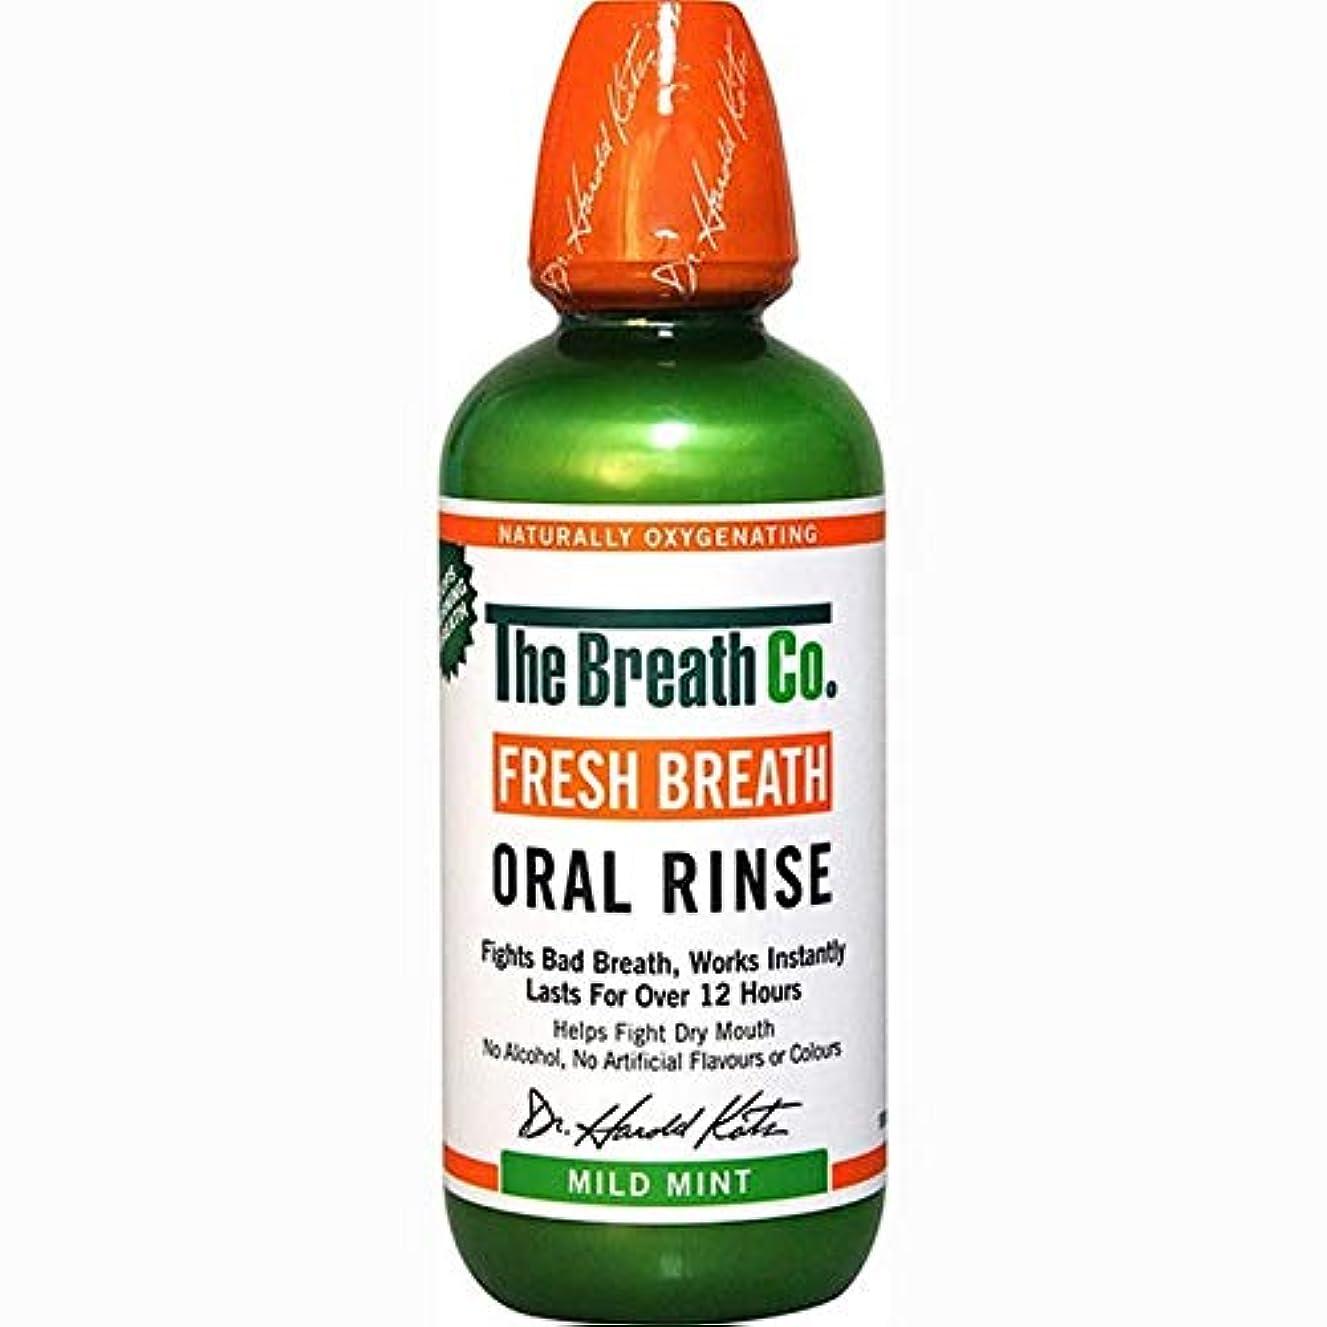 ファウルがっかりする実質的[The Breath Co] 息のCo新鮮な息口腔リンスマイルドミント500ミリリットル - The Breath Co Fresh Breath Oral Rinse Mild Mint 500ml [並行輸入品]